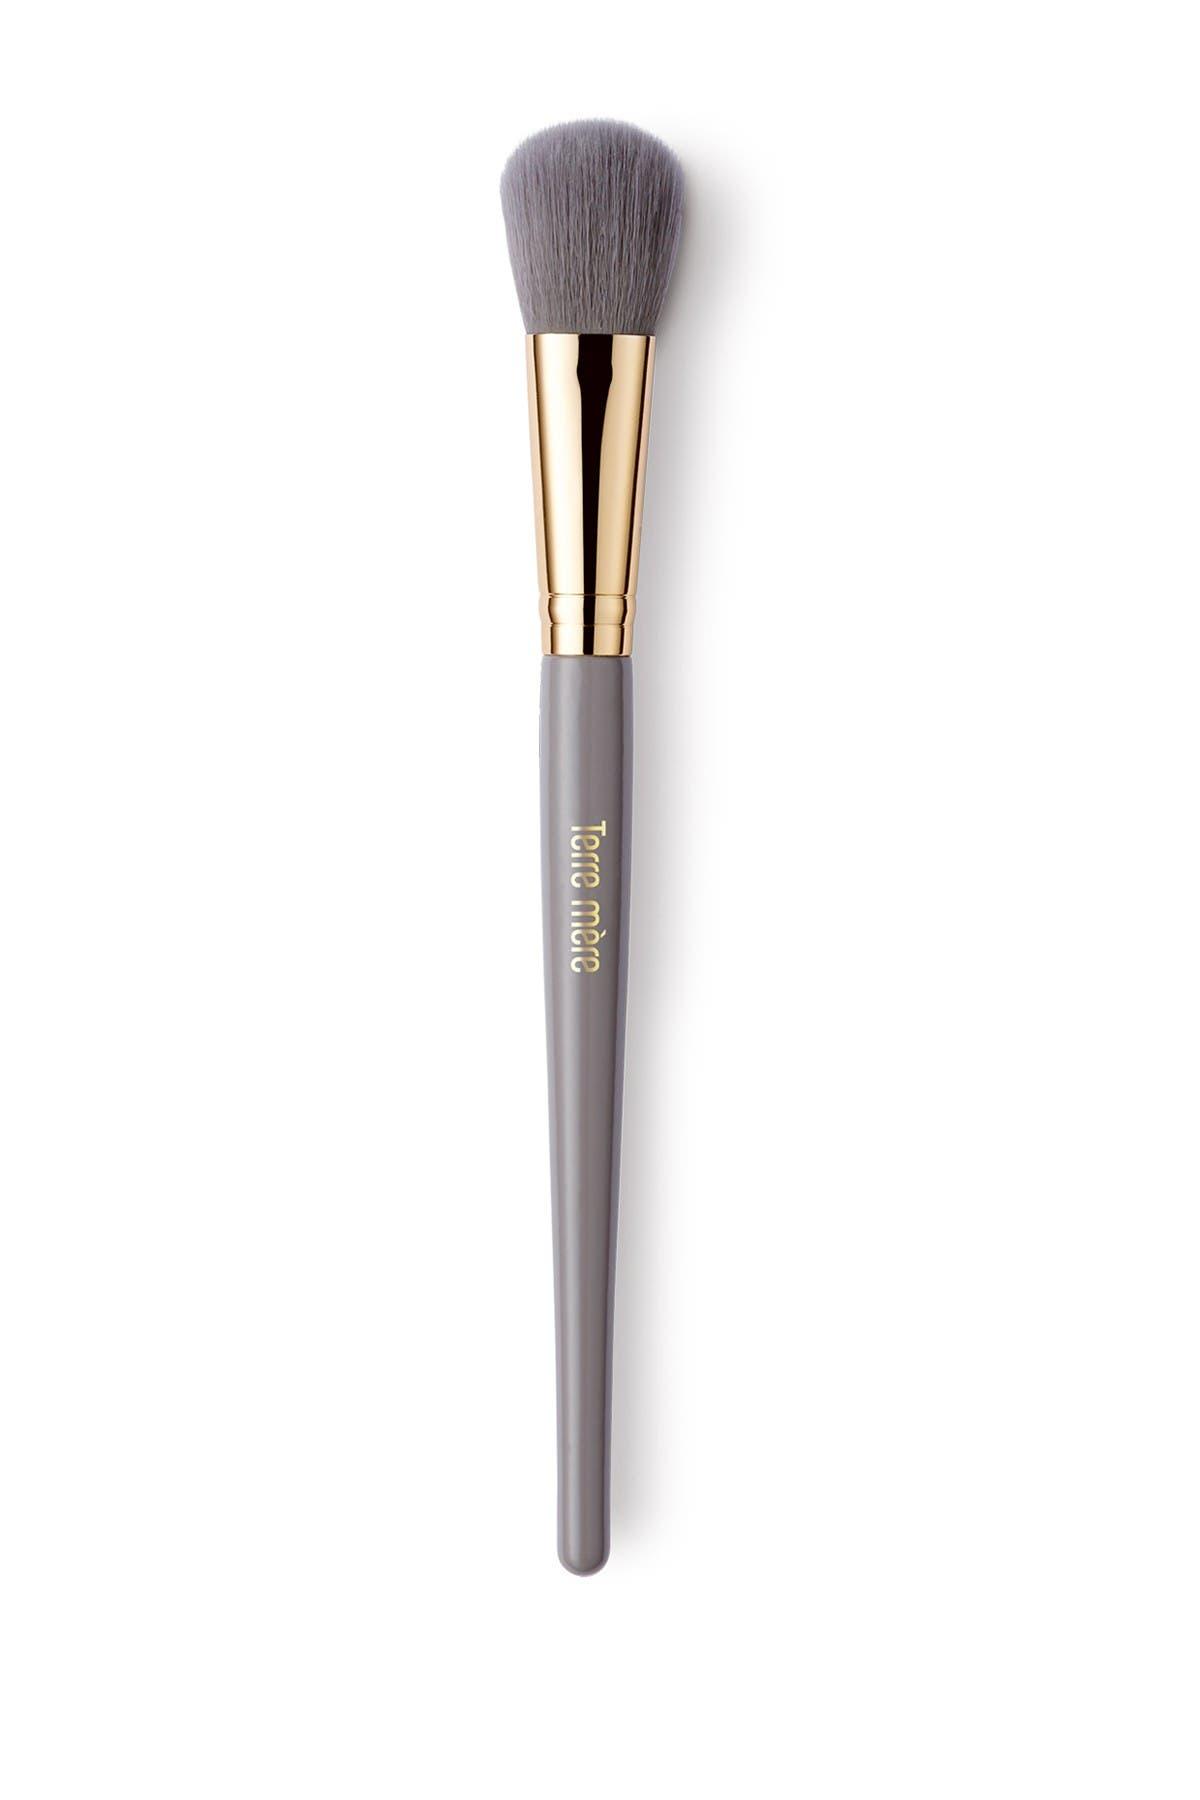 Image of Terre Mere Round Cheek Brush